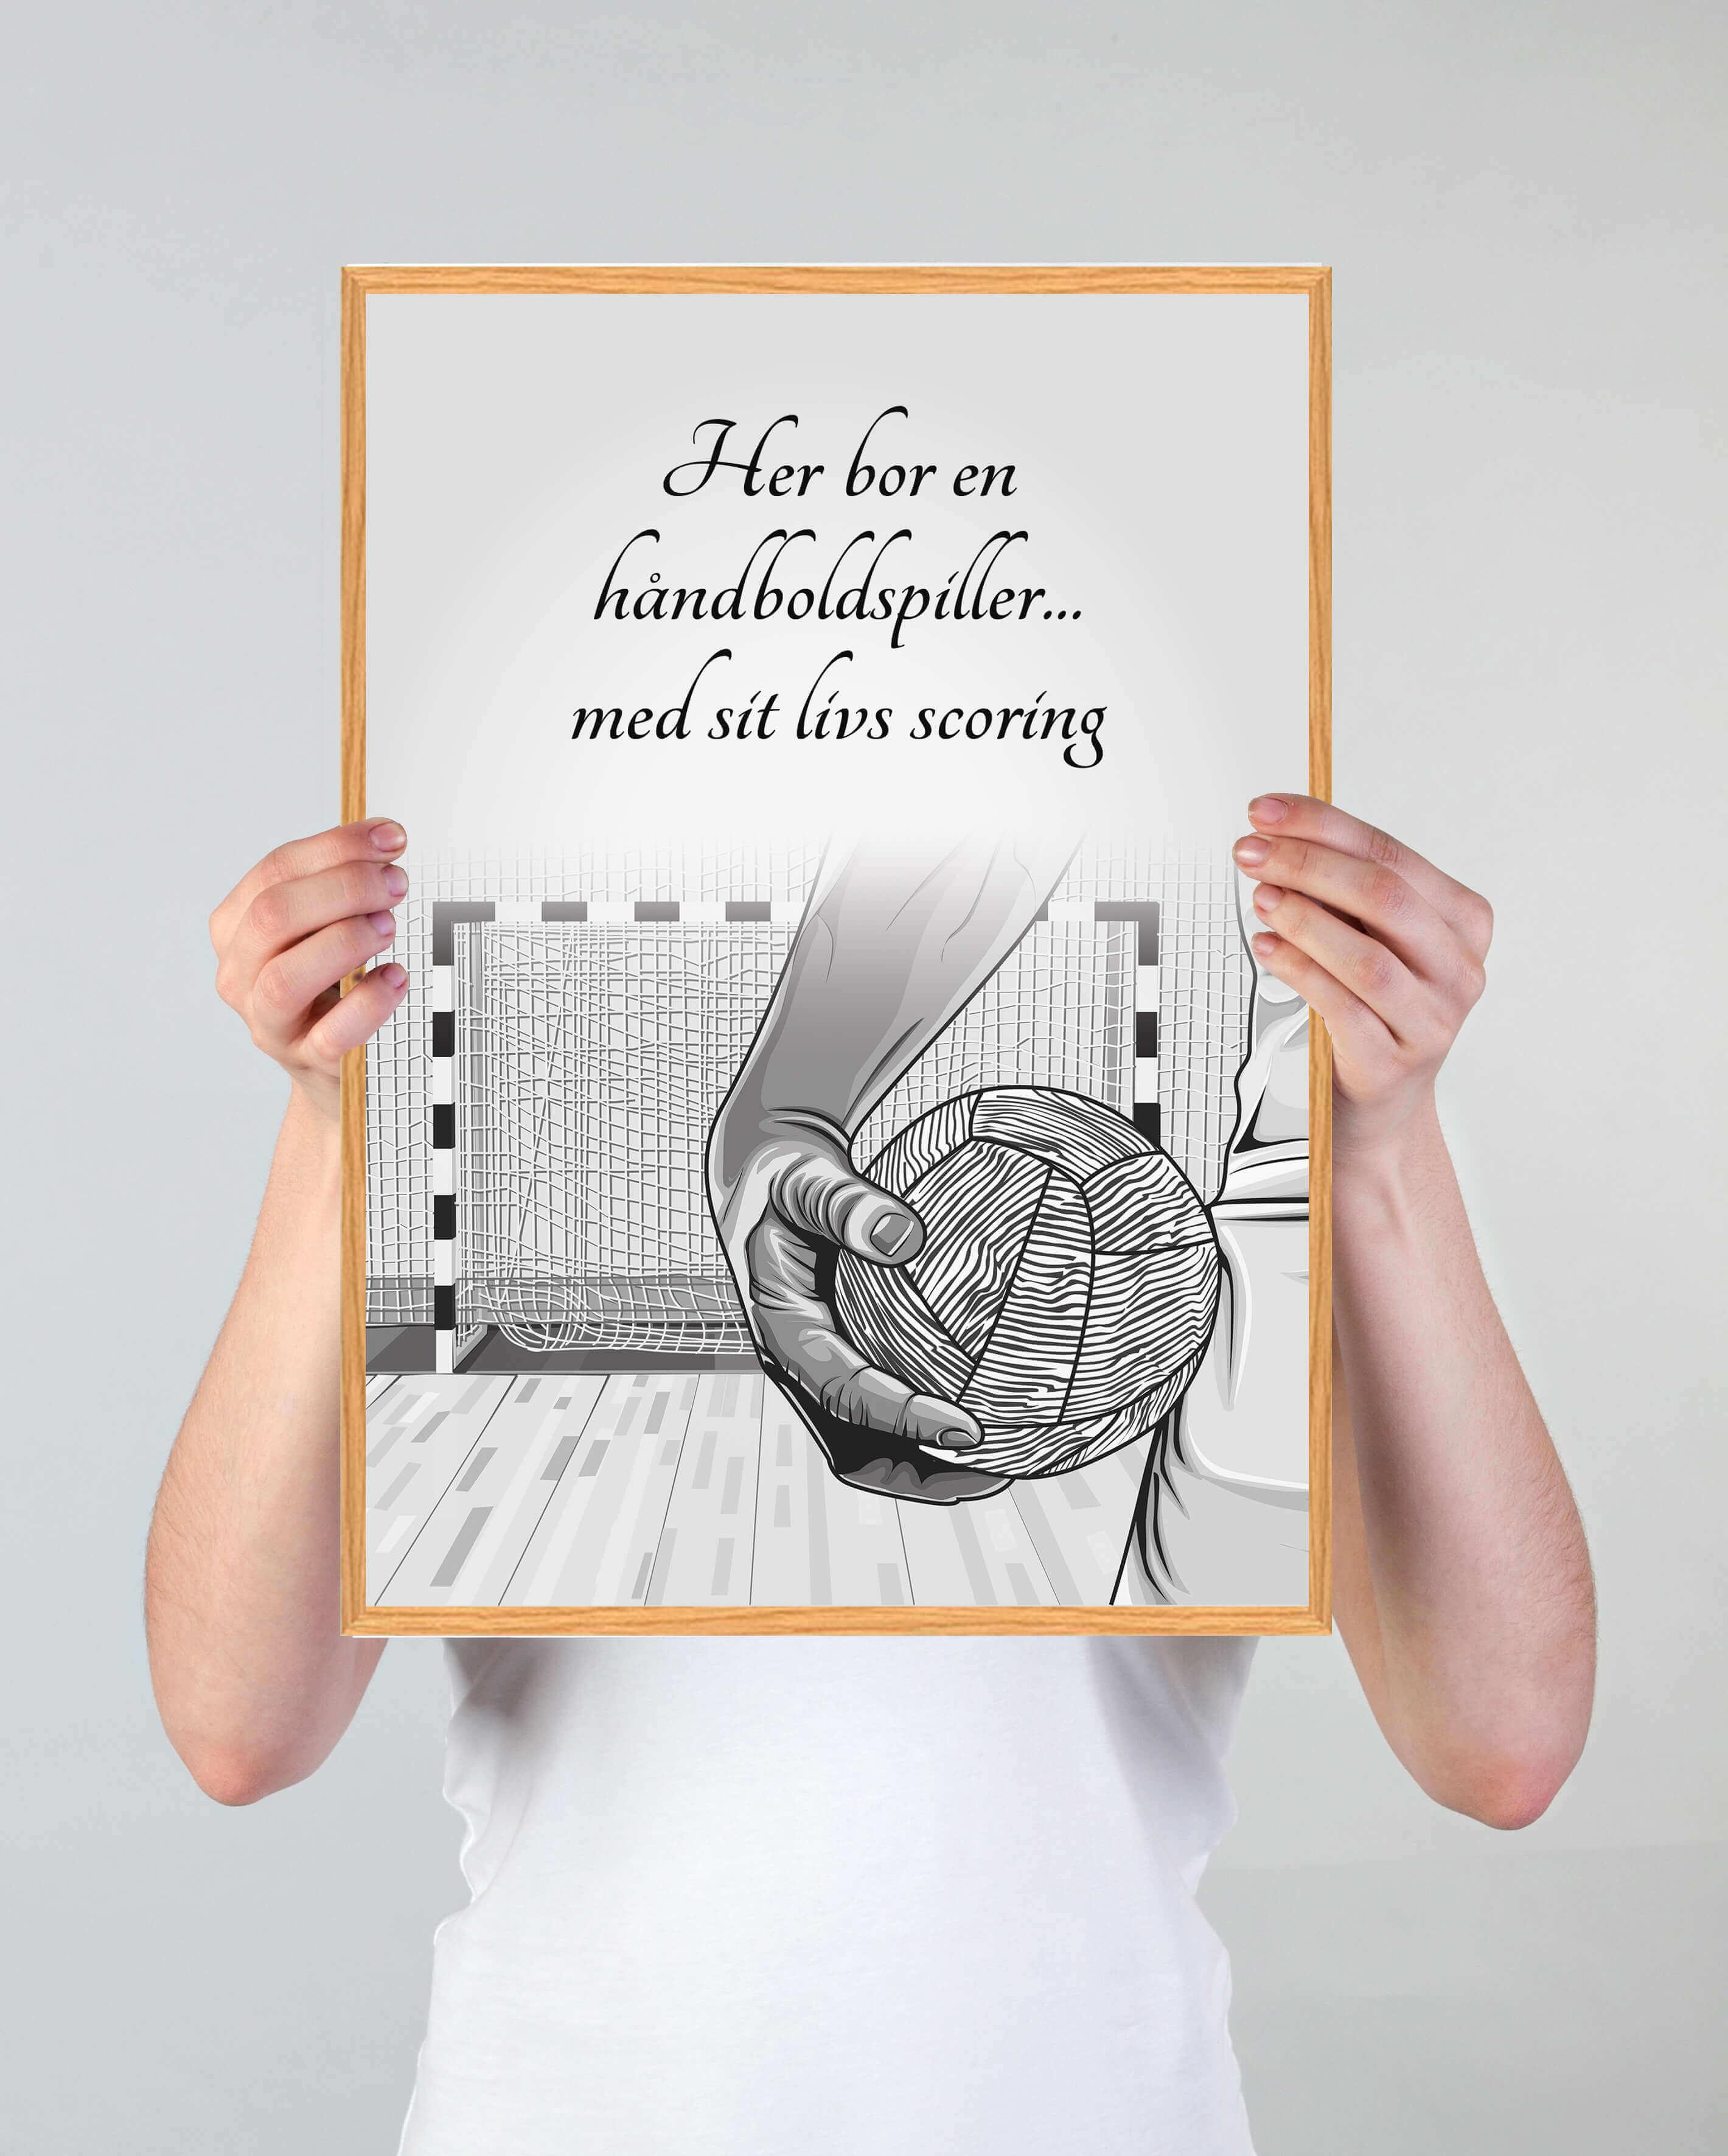 haanboldspiller-job-plakat-3